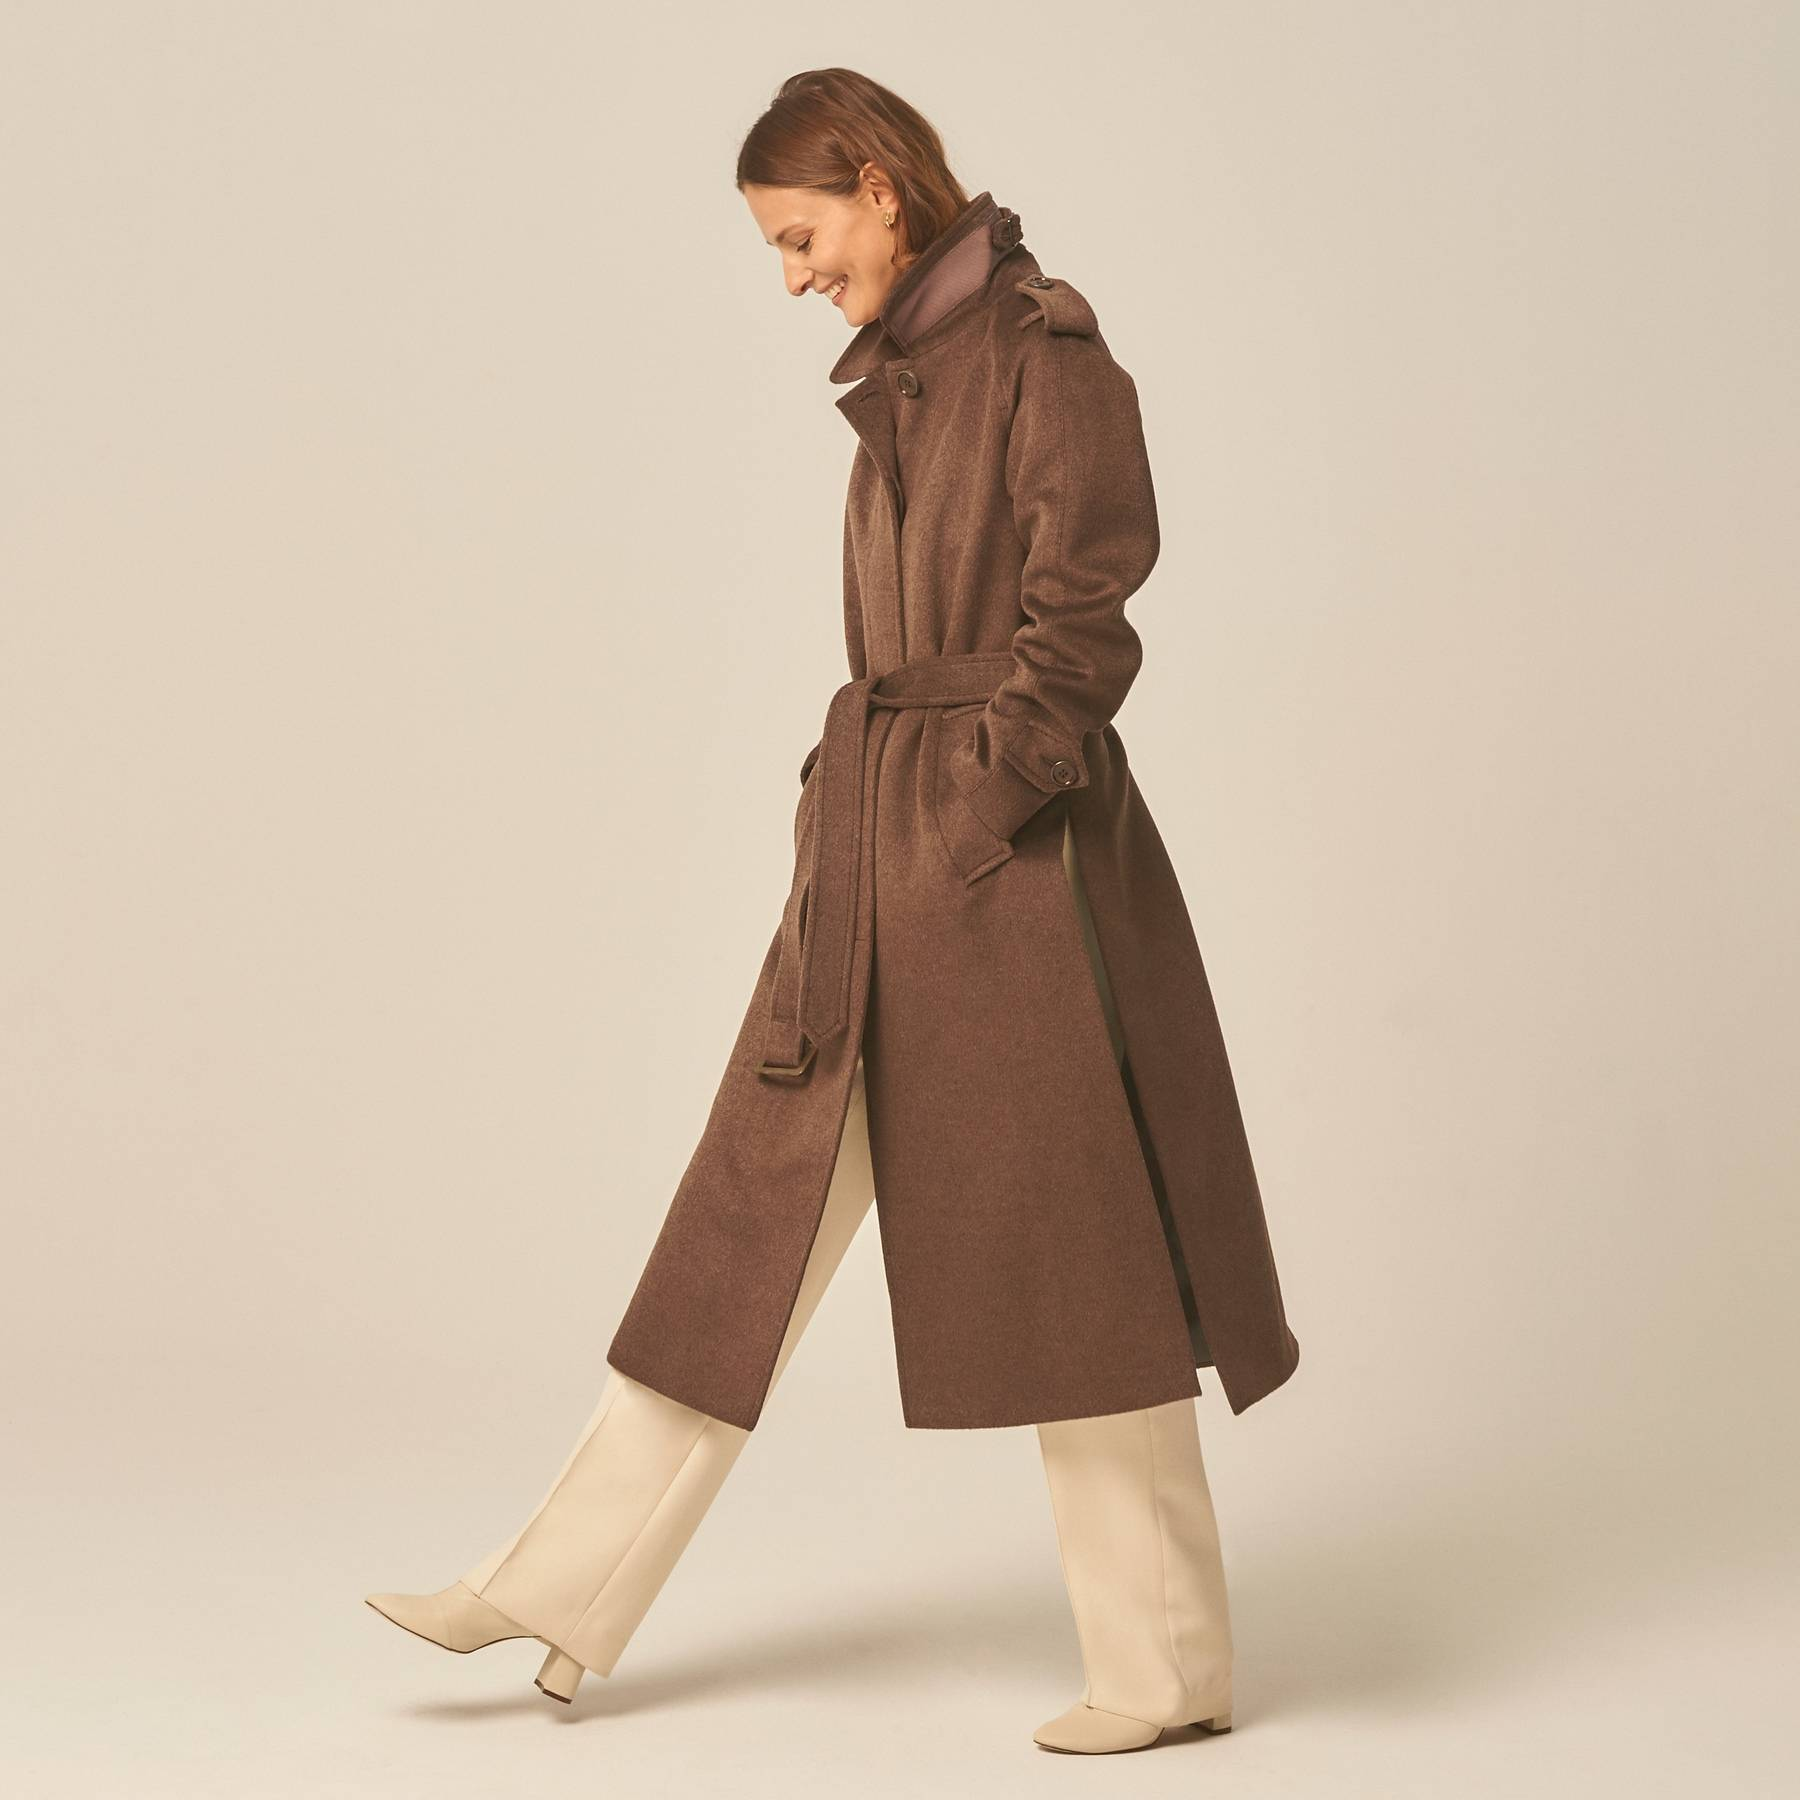 Купить женское пальто в интернет-магазине Laplandia | Лапландия в Екатеринбурге